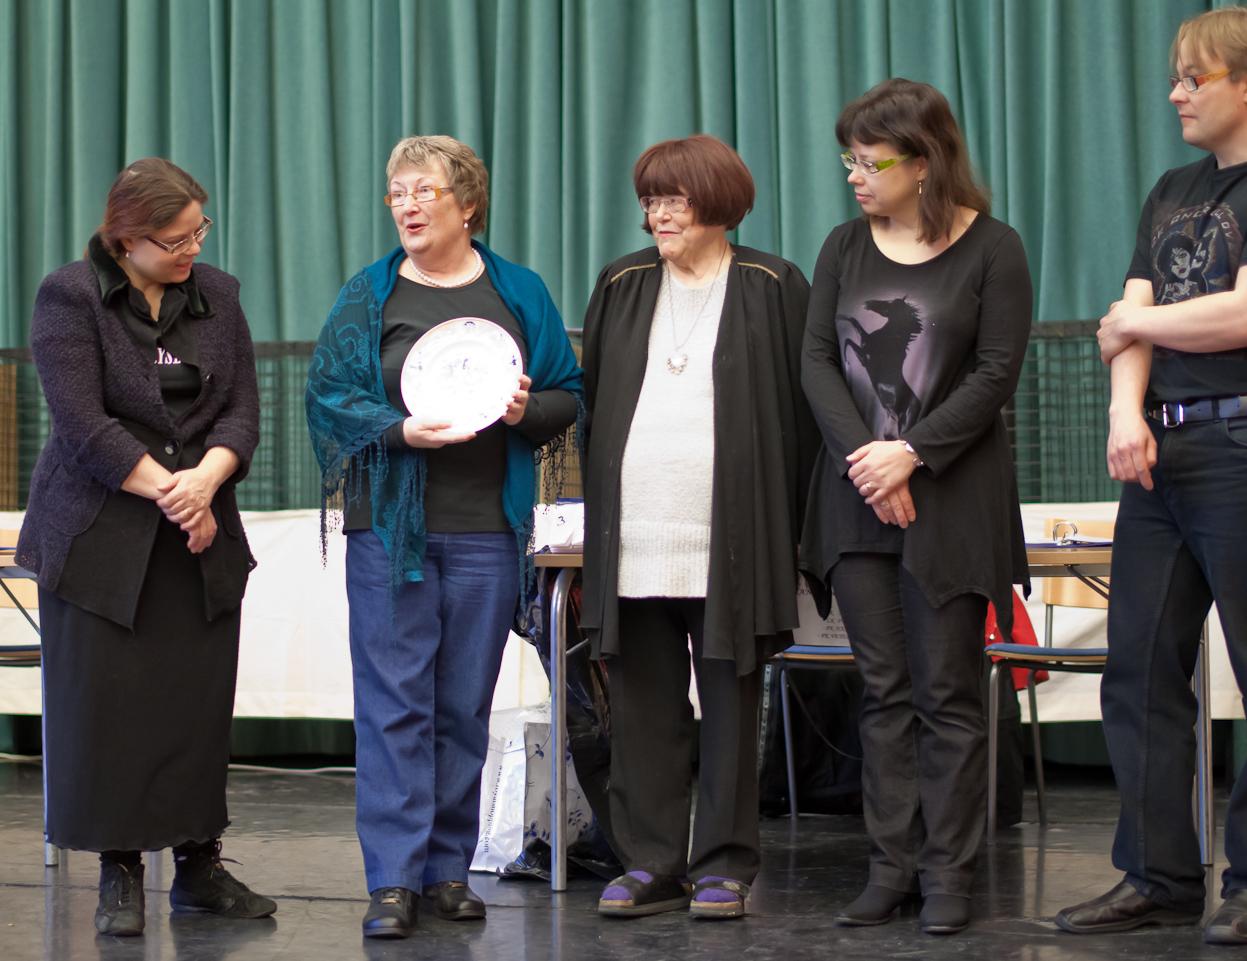 lautasen luovutus, kuva 165006, 5.12.2010